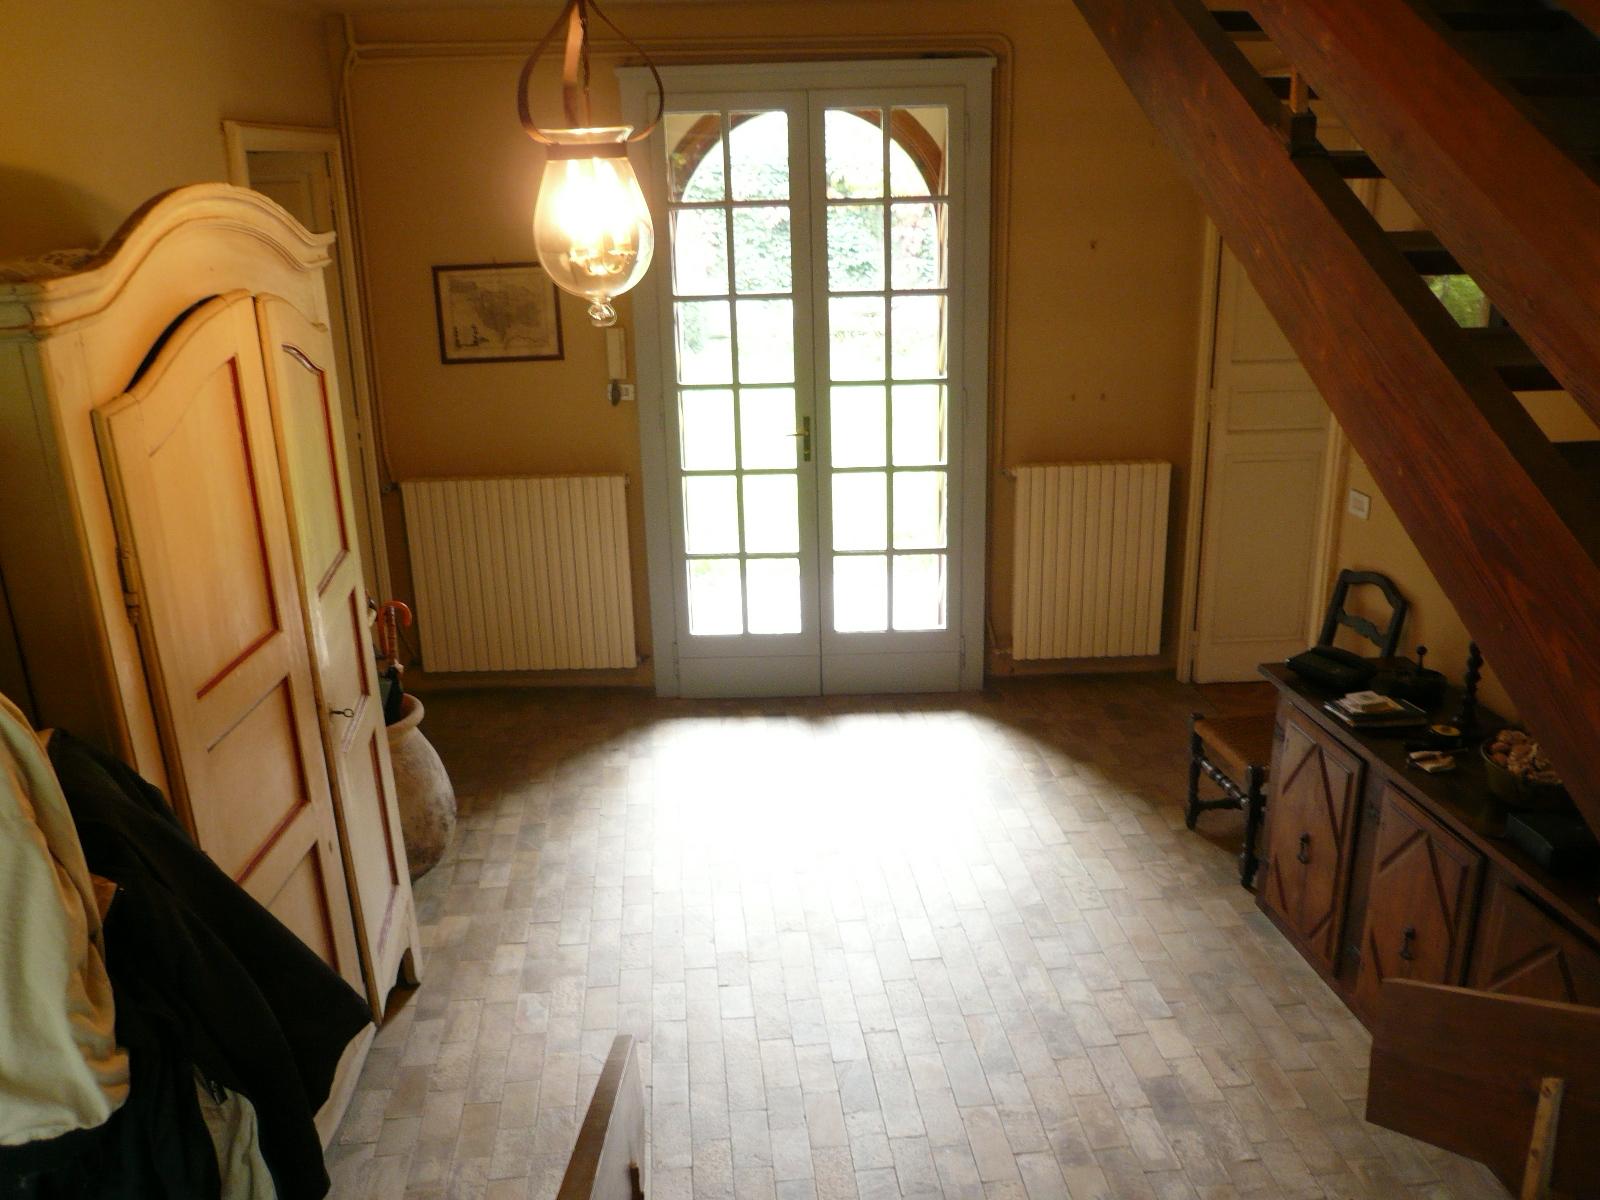 Arredamento Country Torino.Interiors Guido Toschi Marazzani Visconti